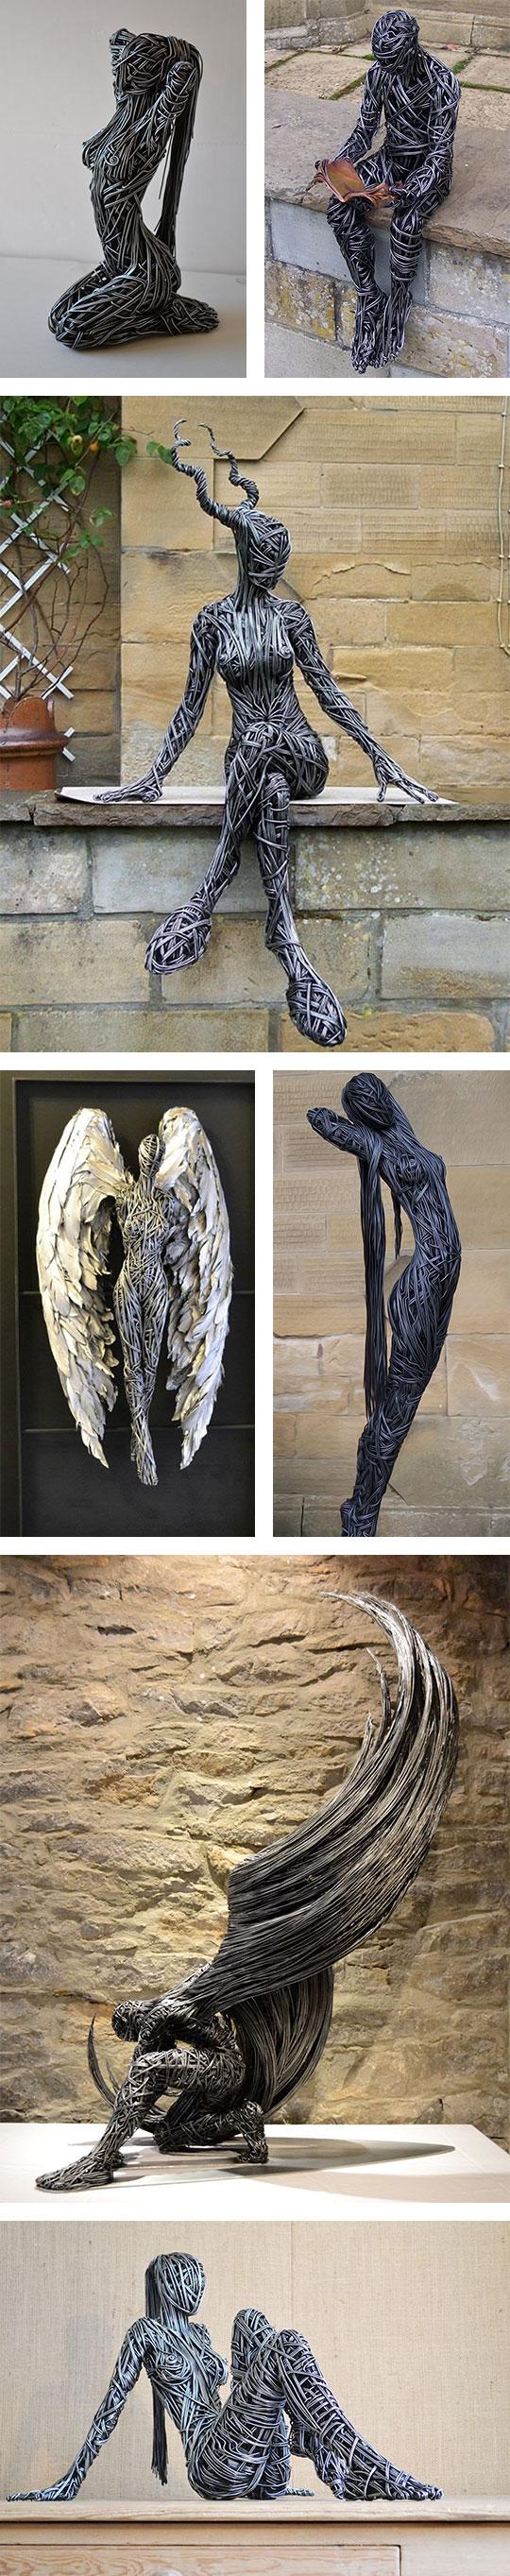 metallic-beings-sculptures